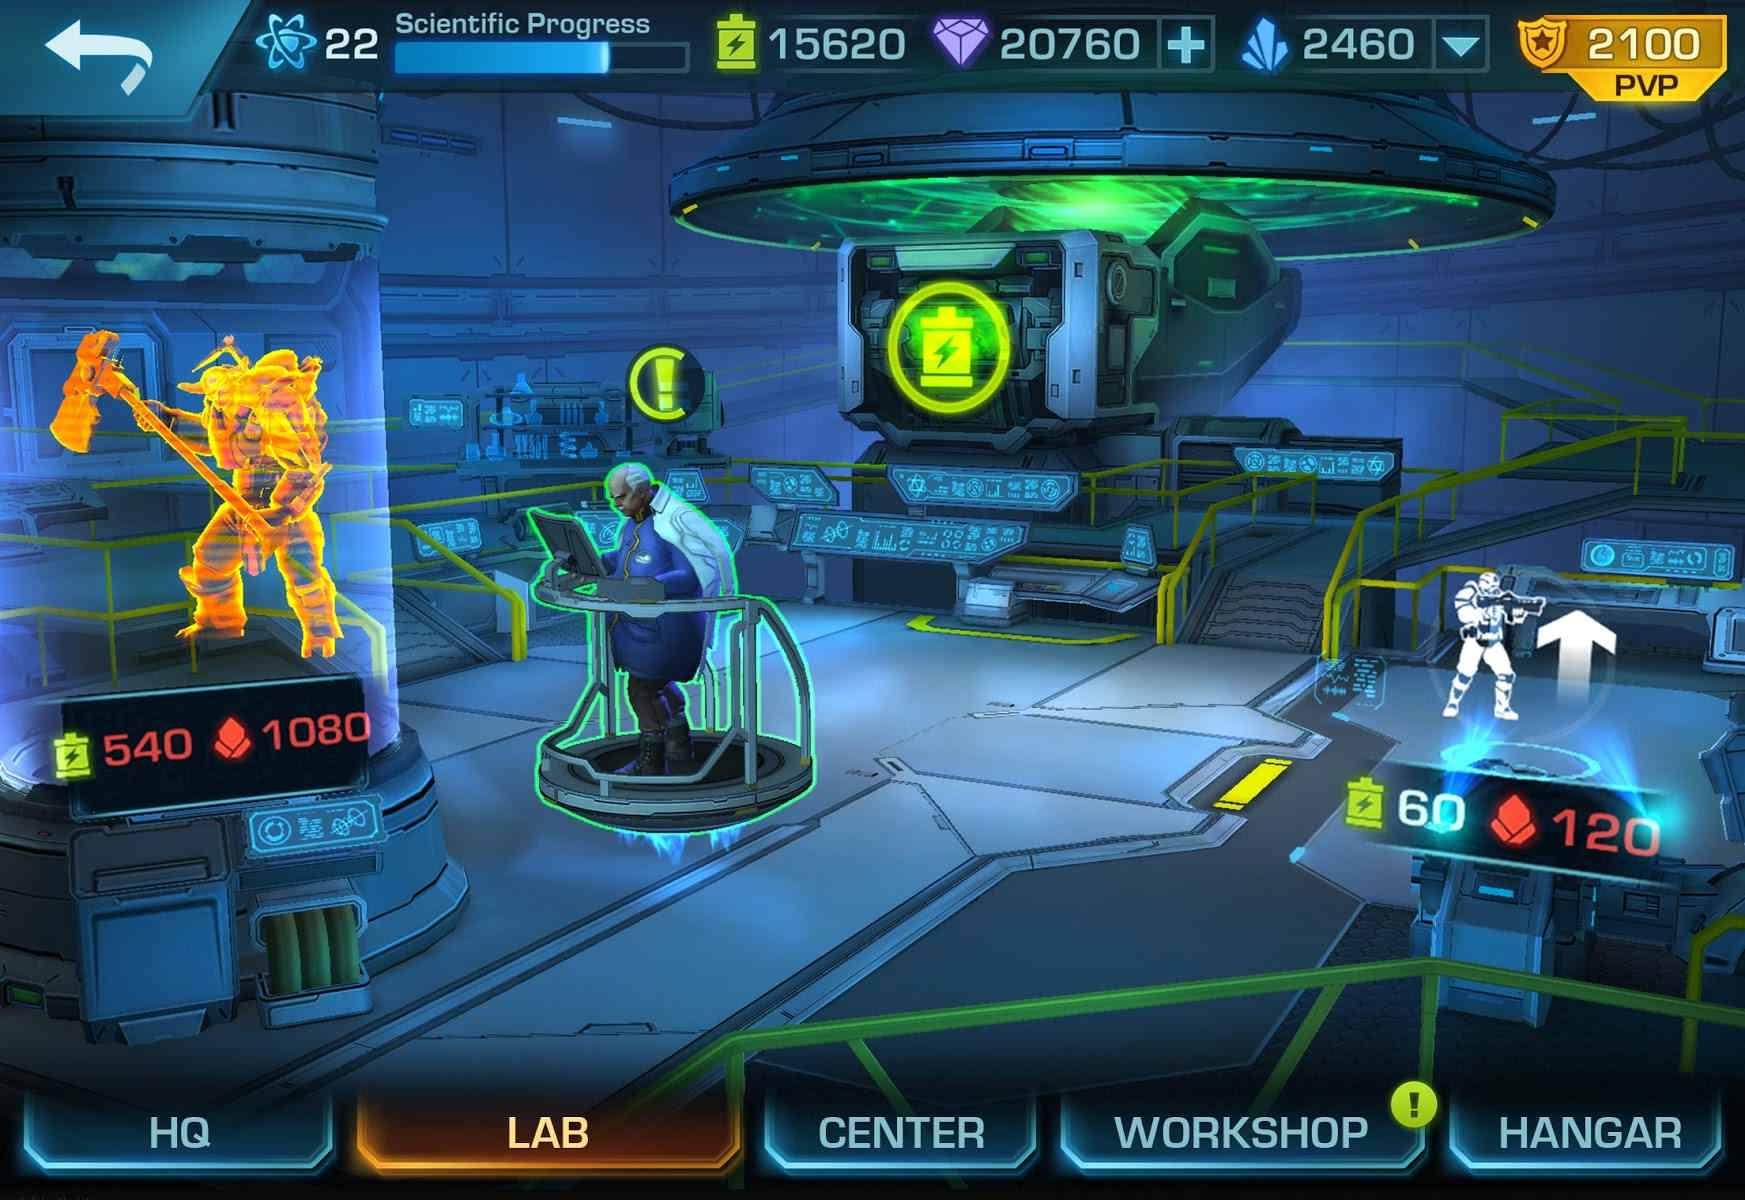 دانلود Evolution 2: Battle for Utopia 0.534.74534 – بازی اکشن تکامل تدریجی ۲ اندروید